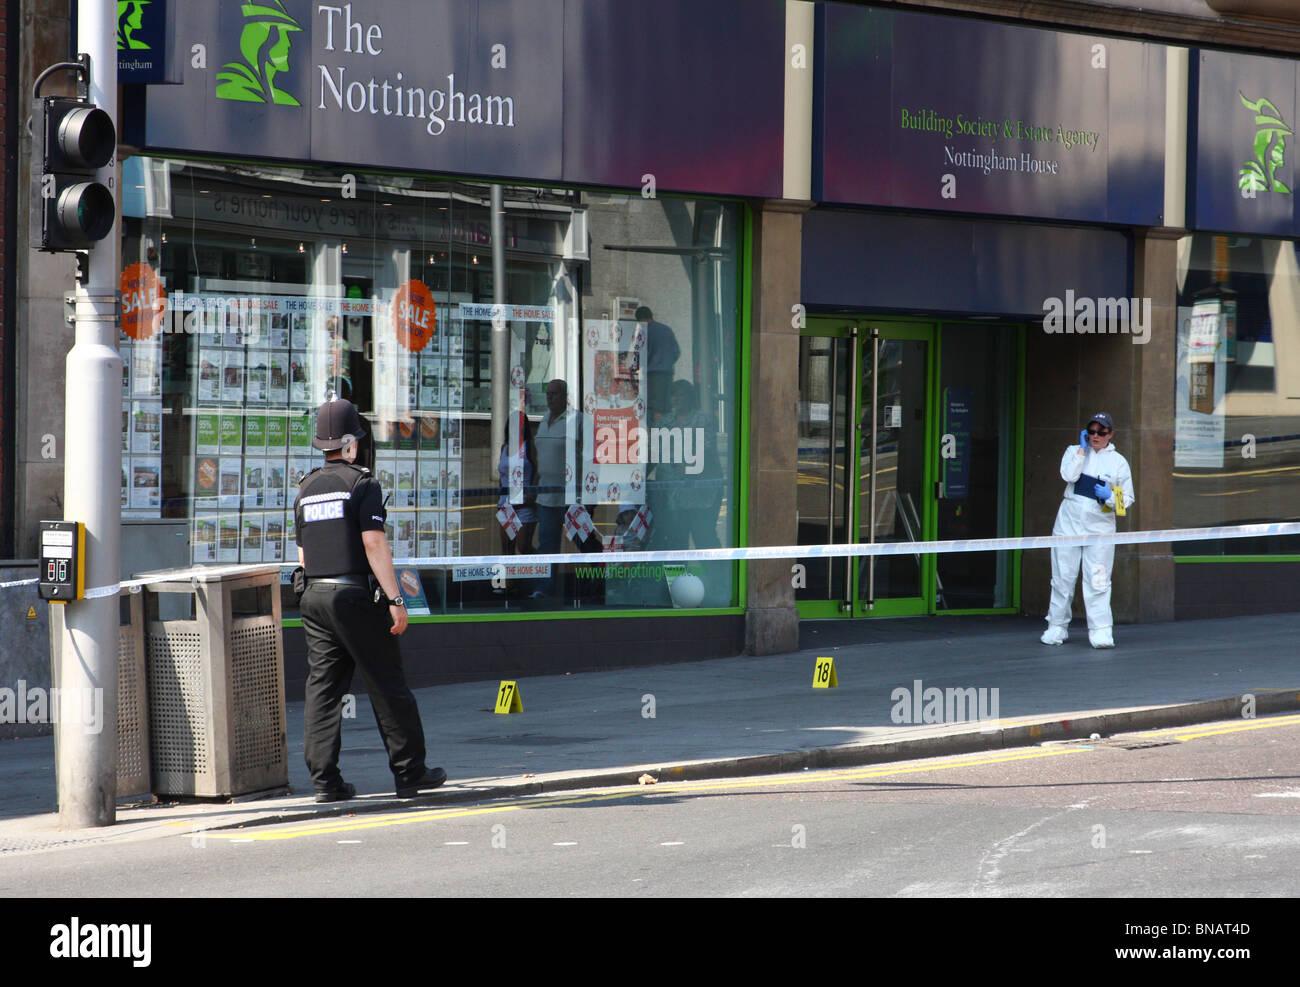 Ein Tatort auf einer Straße in Nottingham, England, Vereinigtes Königreich Stockbild